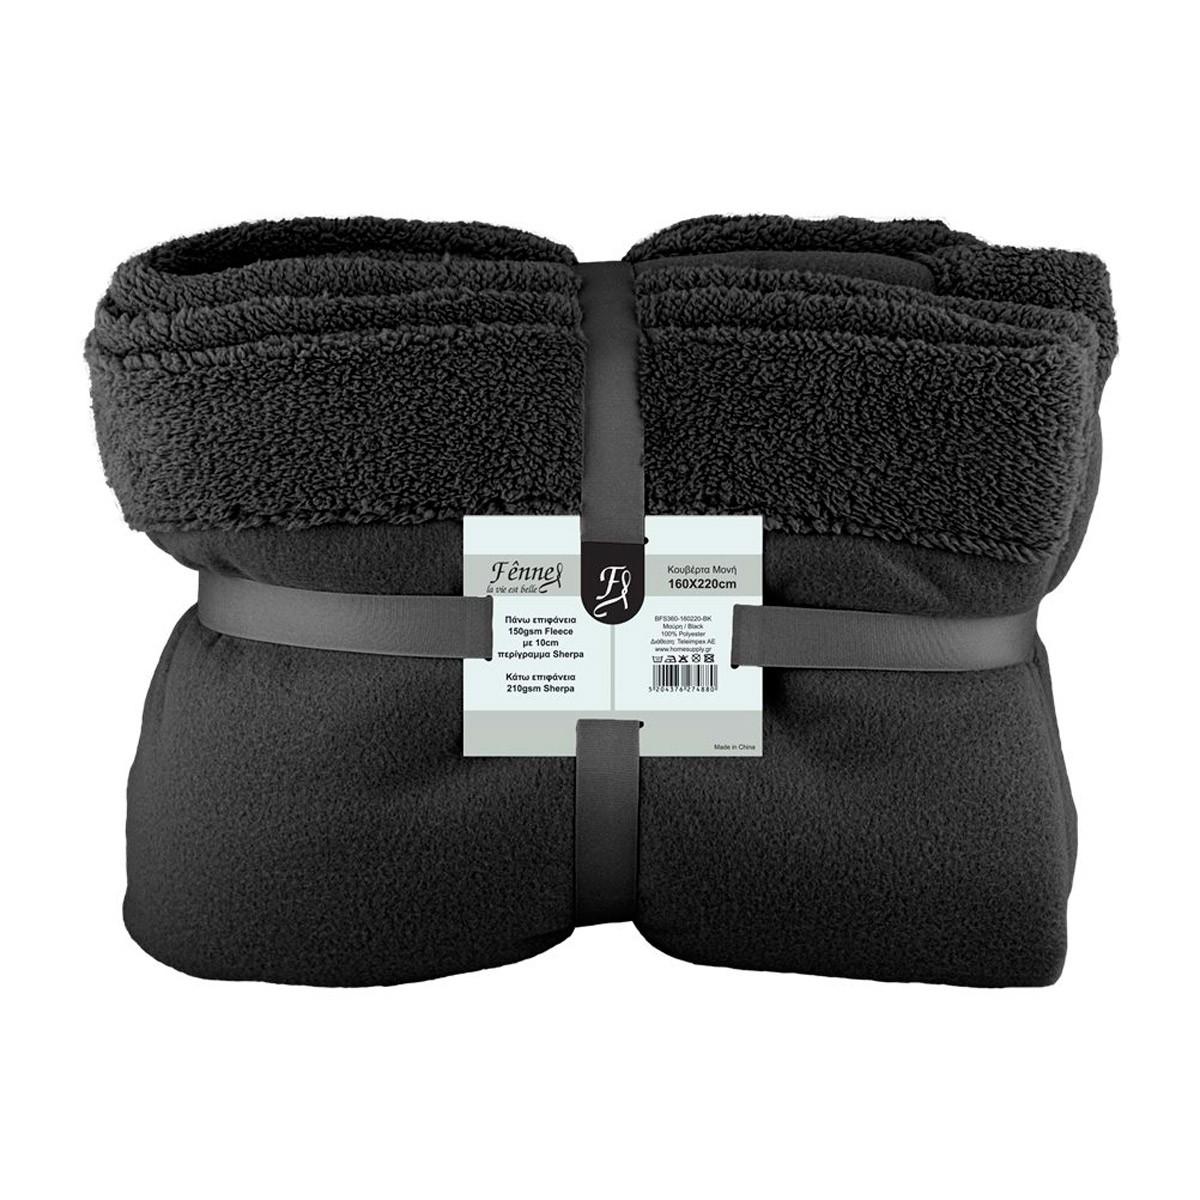 Κουβέρτα Fleece Μονή Fennel BFS360 Black 85478